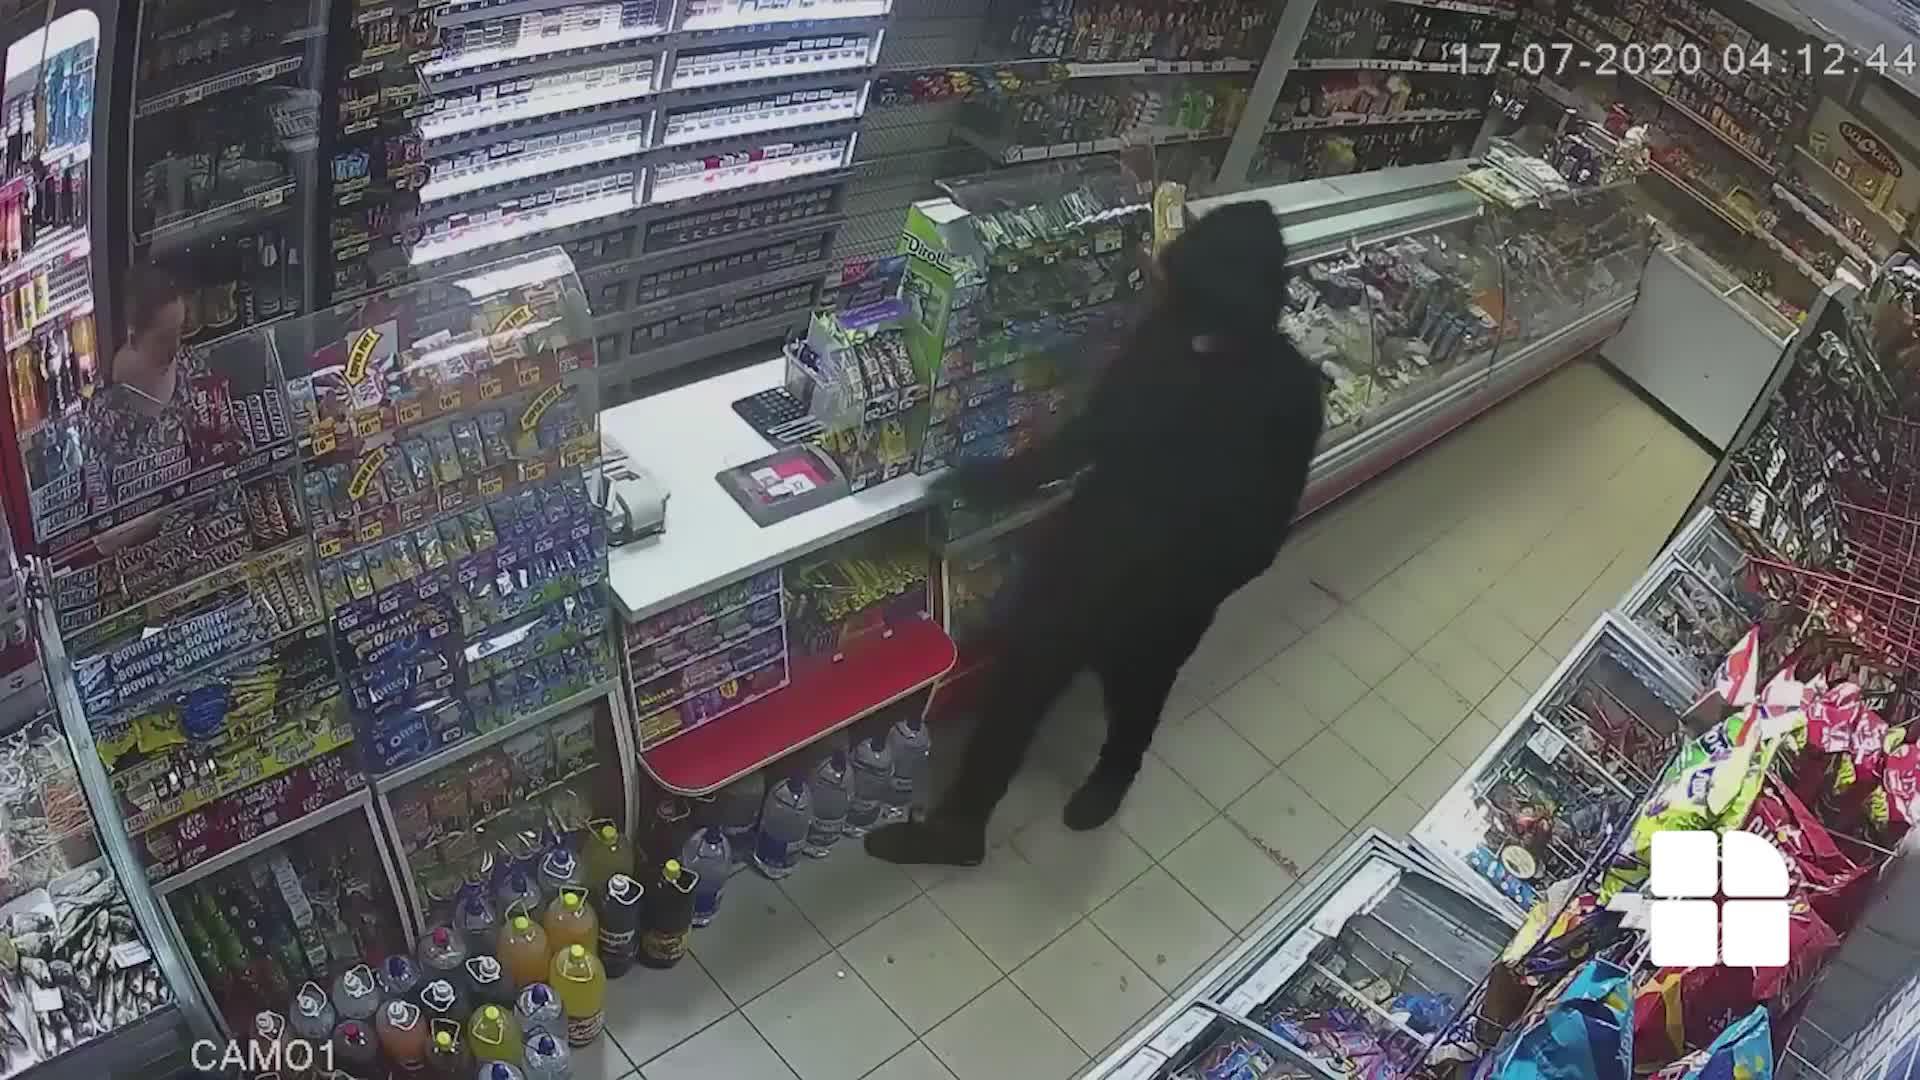 В Бельцах вооруженный грабитель напал на круглосуточный магазин. Полиция просит граждан помочь (ВИДЕО)